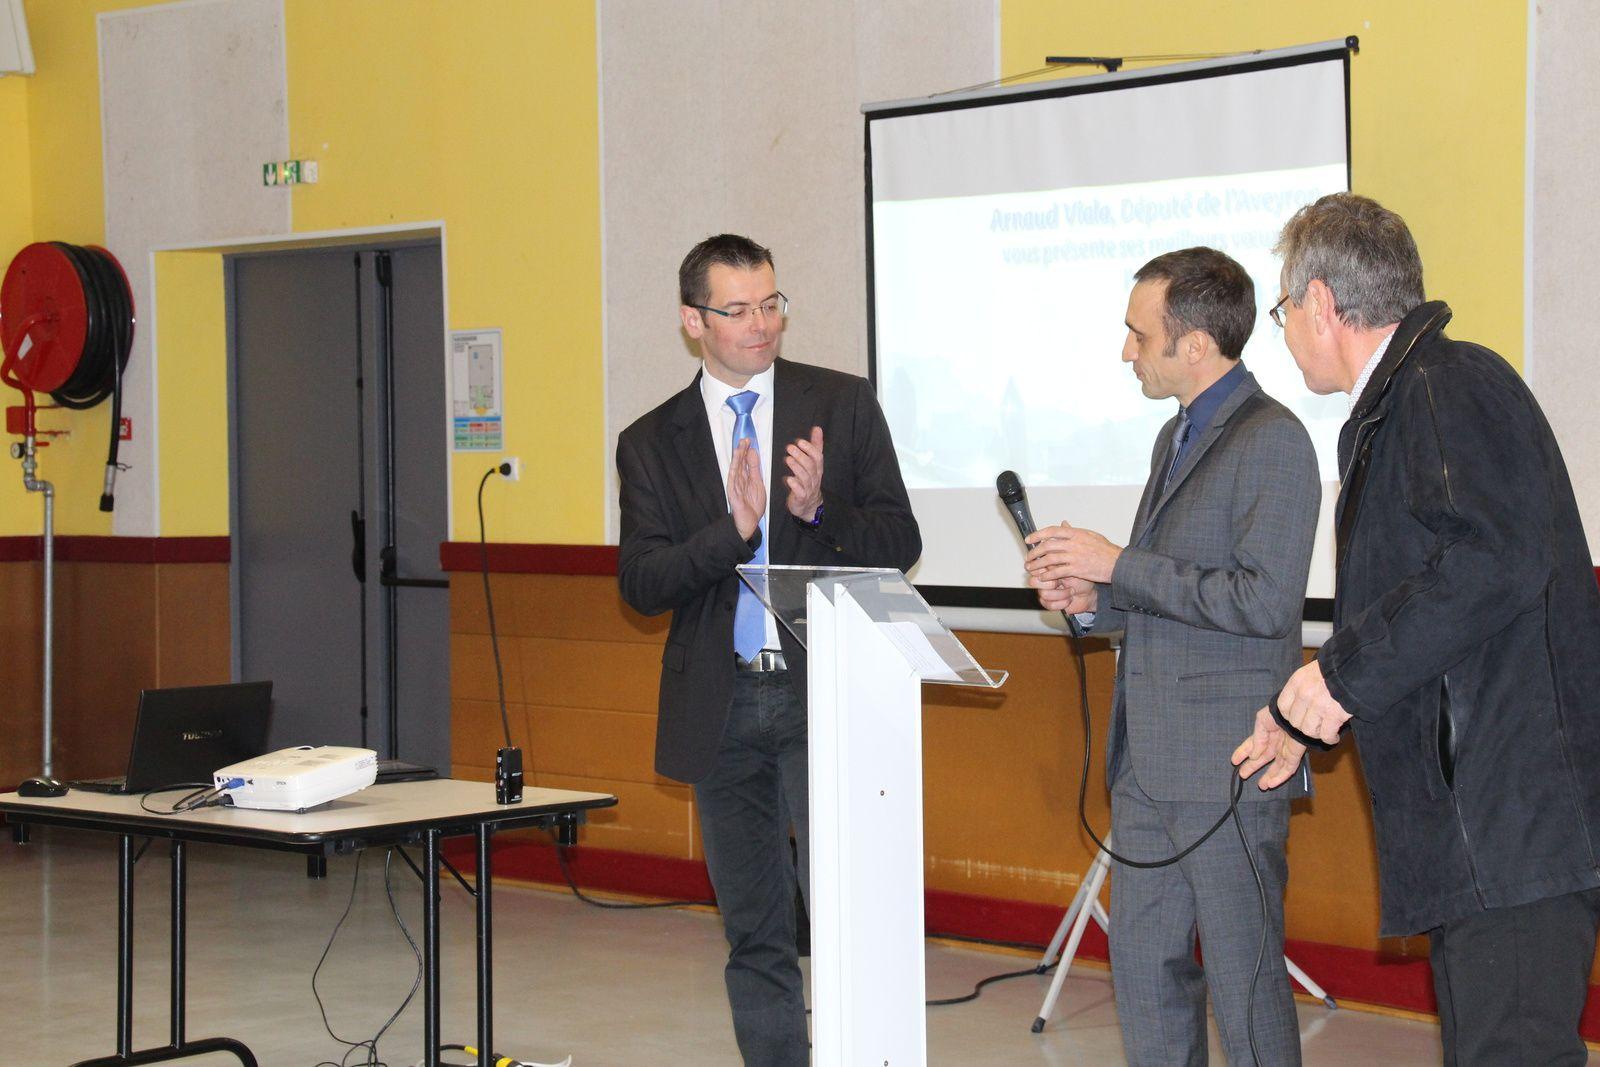 Le député Arnaud Viala, son suppléant Sébastien David, le maire d'Aguessac Aimé Héral lors de la cérémonie des voeux.